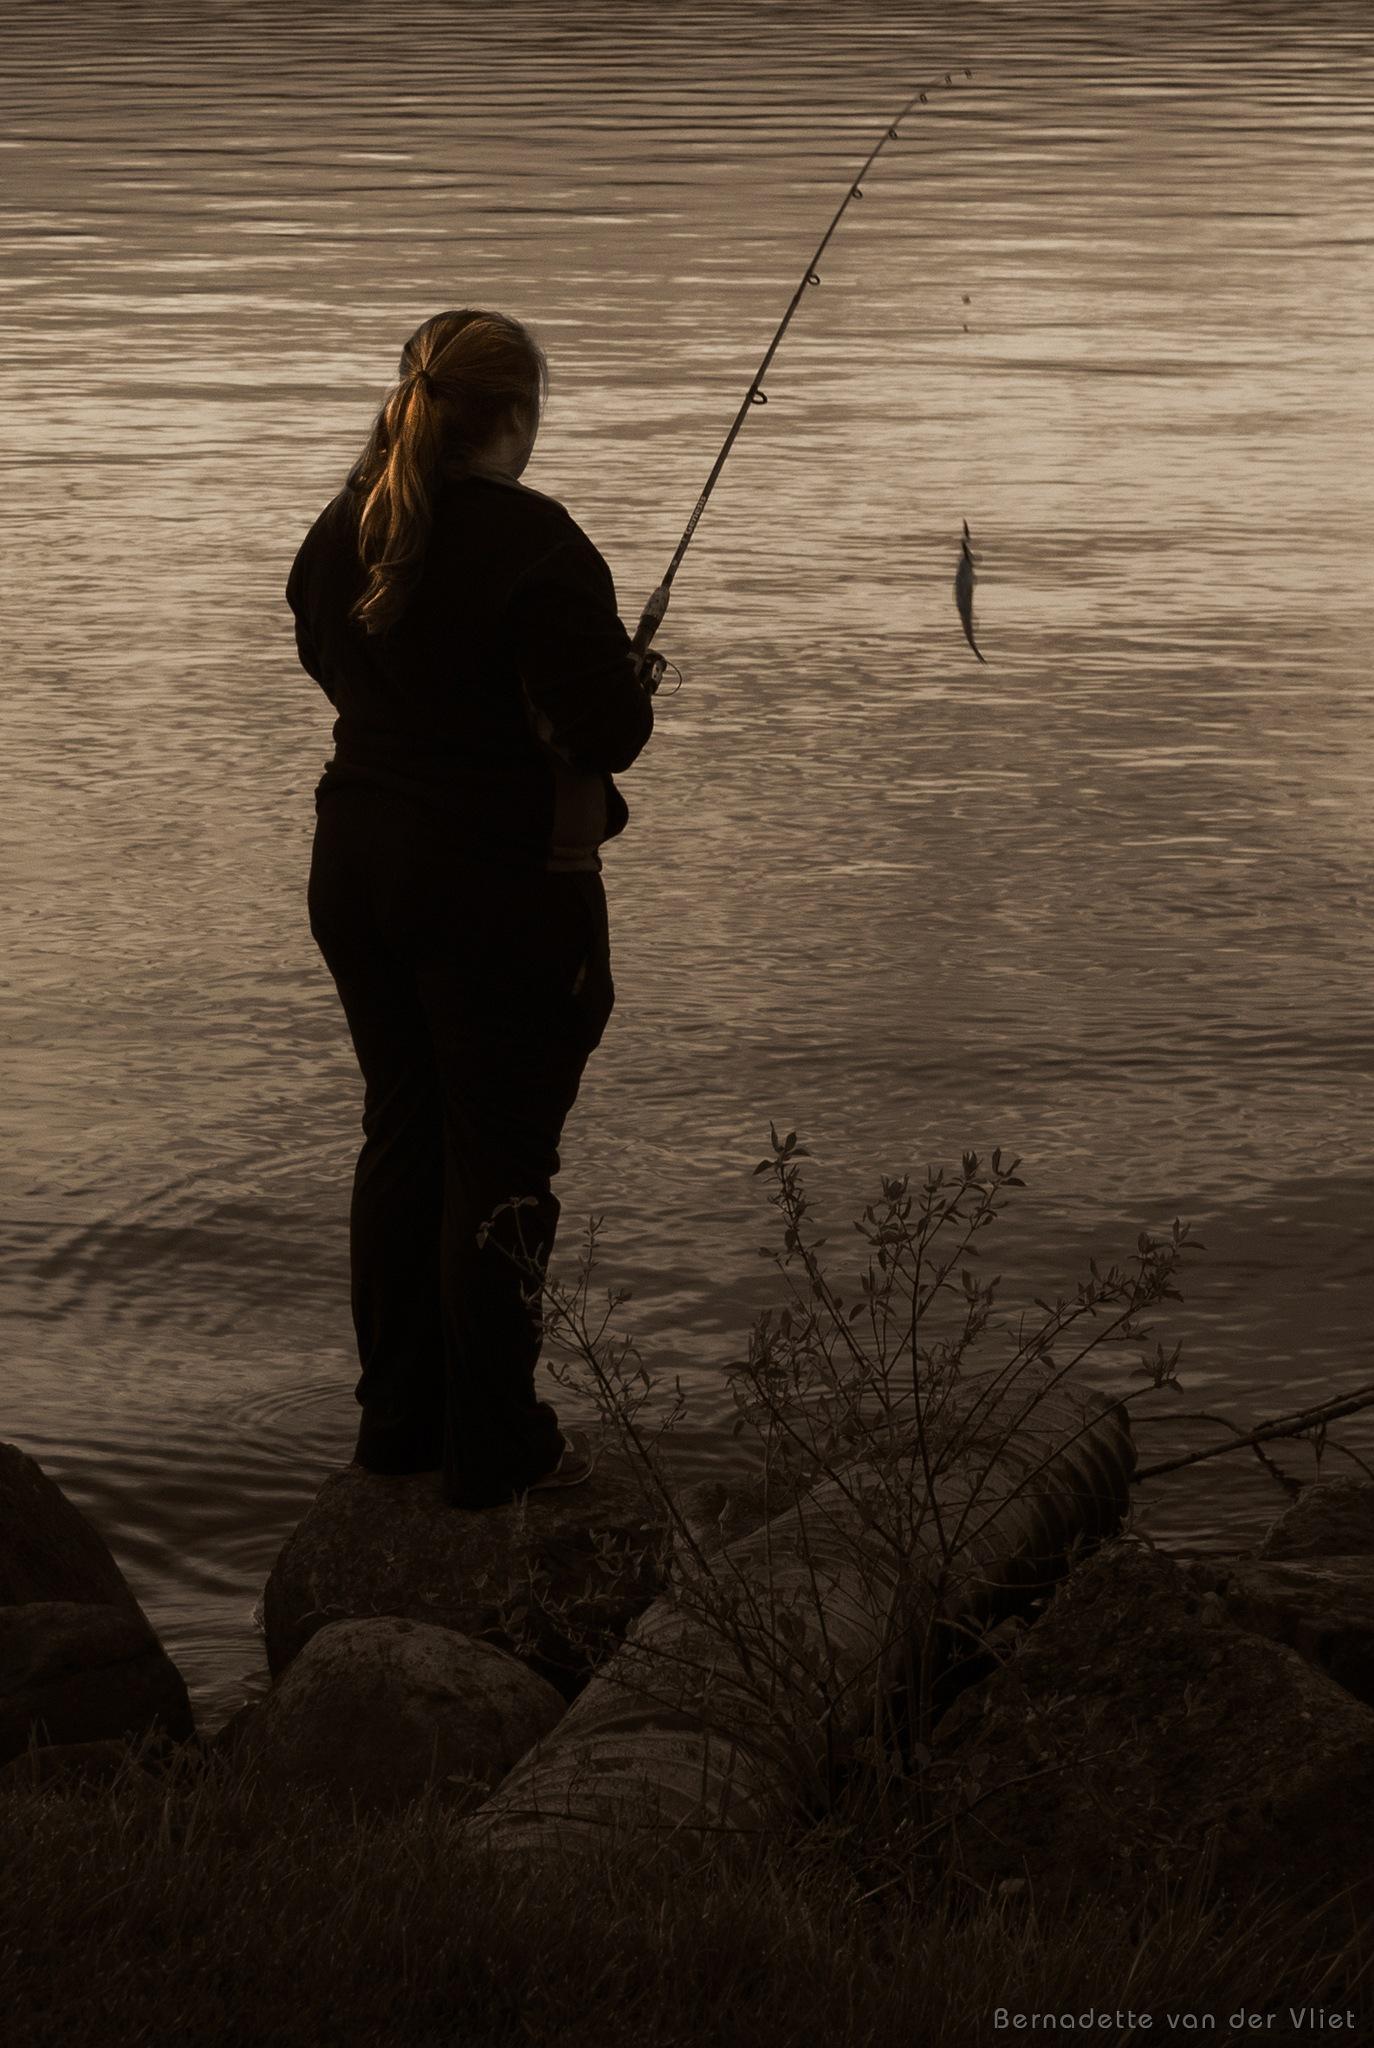 Girl fishing by Bernadette van der Vliet